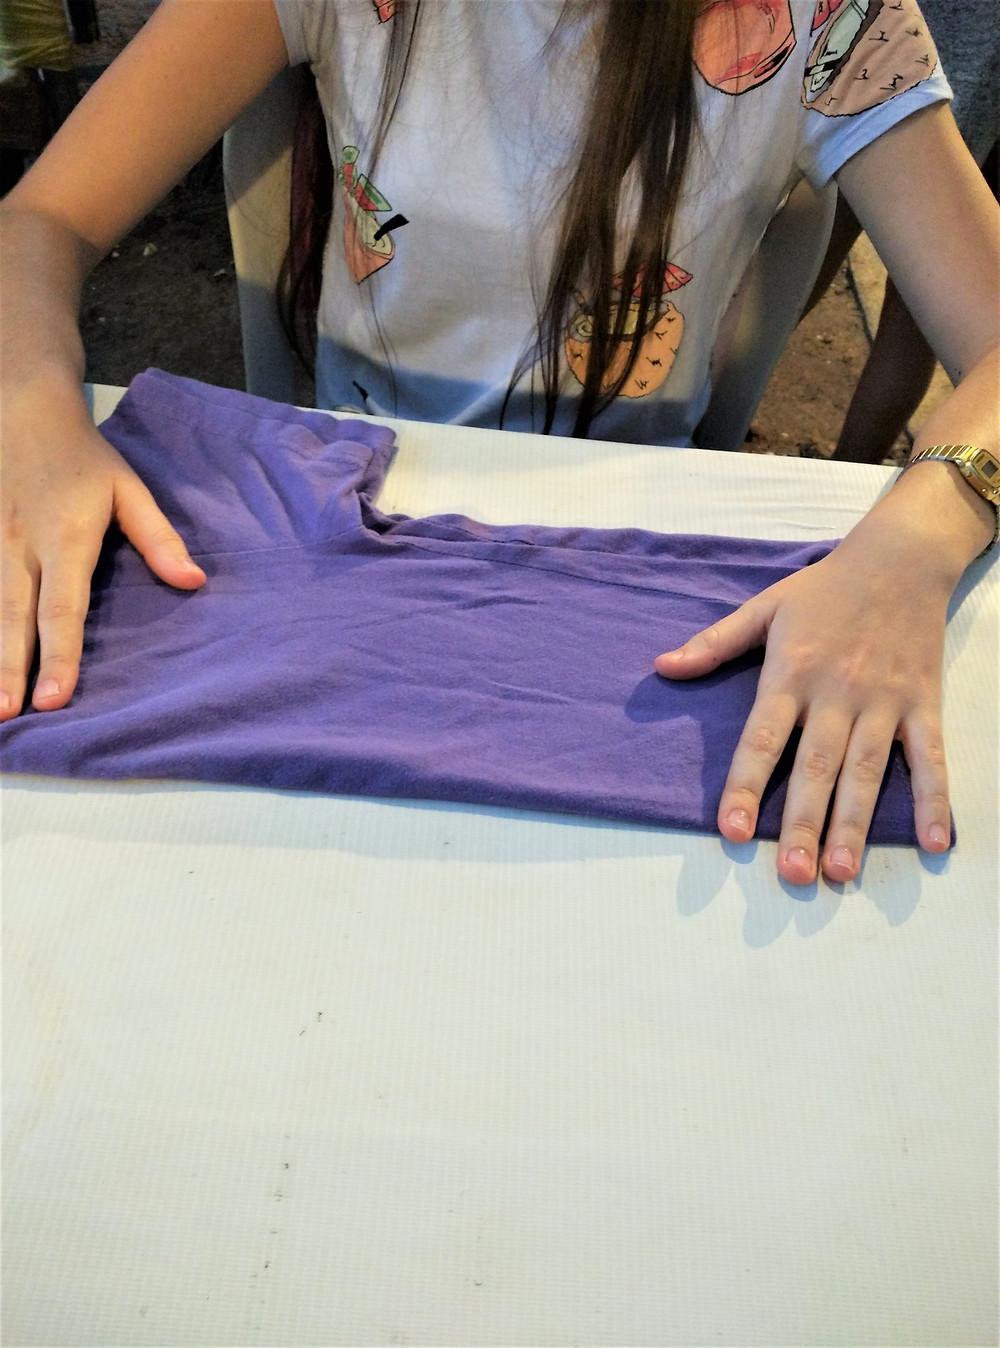 Folding tshirts